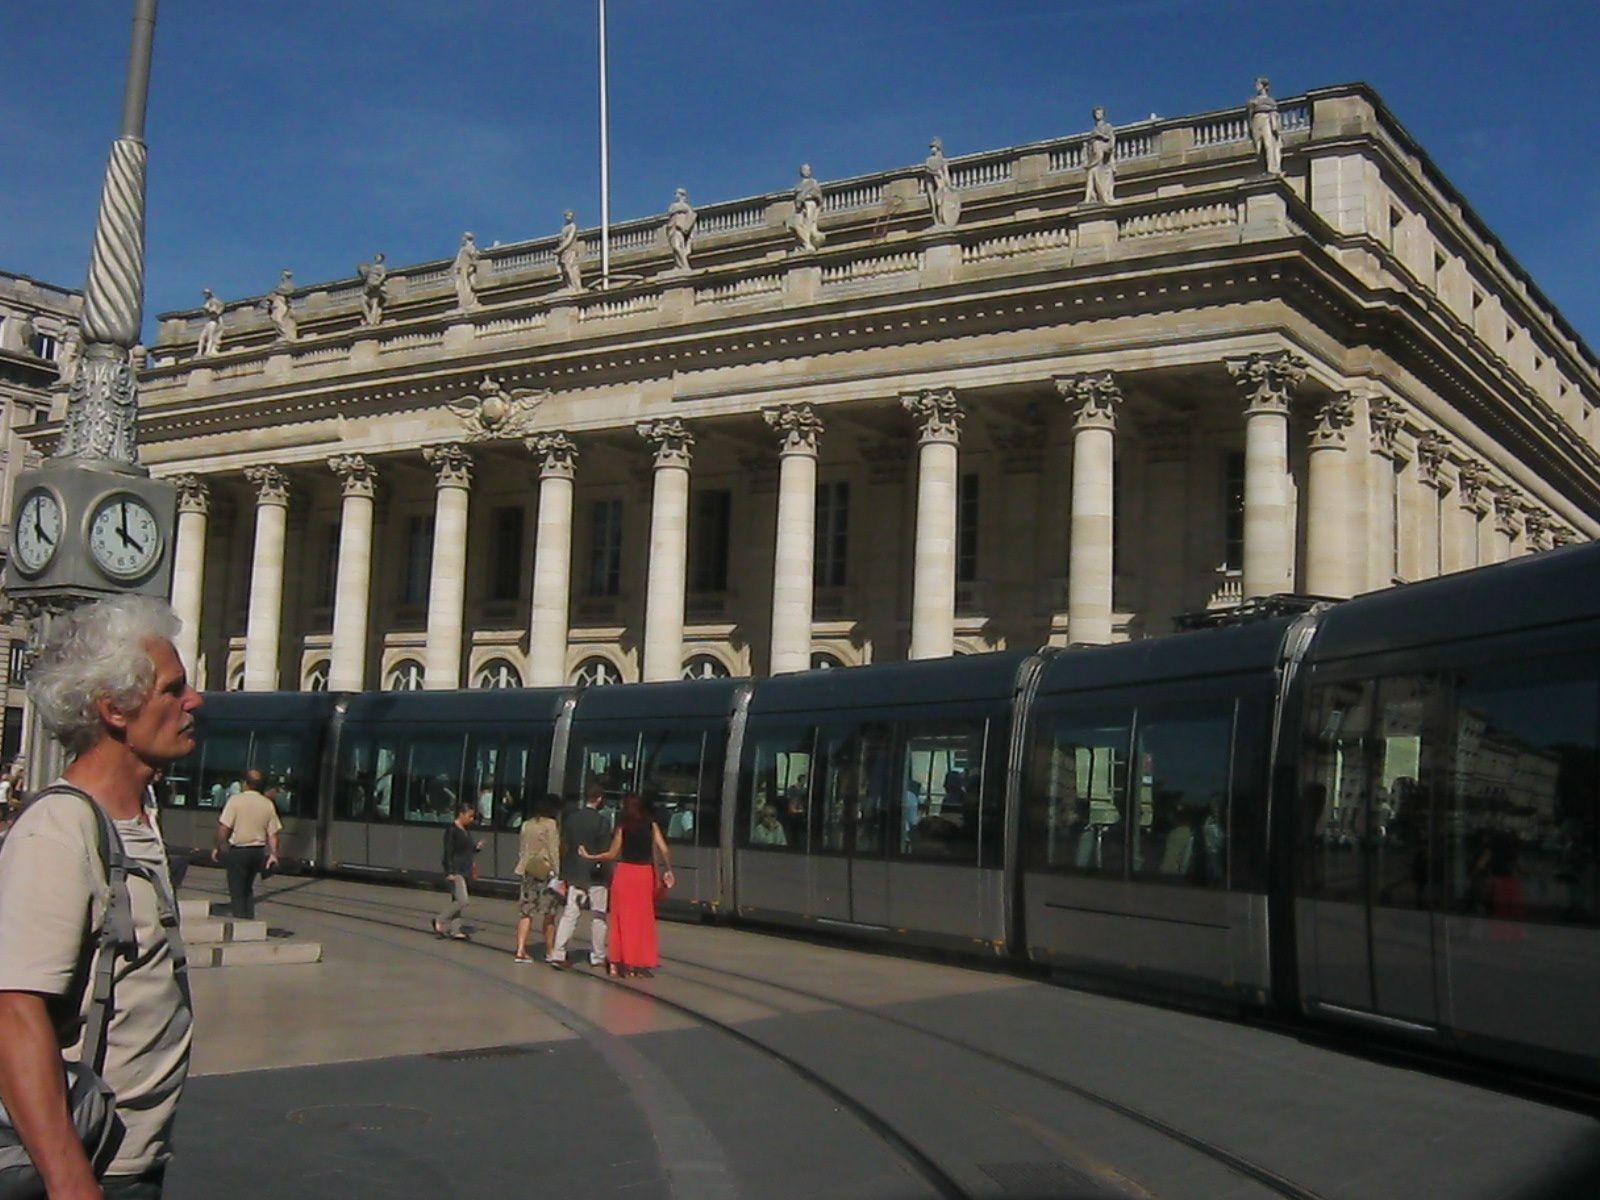 LE TRAMWAY DEVANT L'OPÉRA DE BORDEAUX